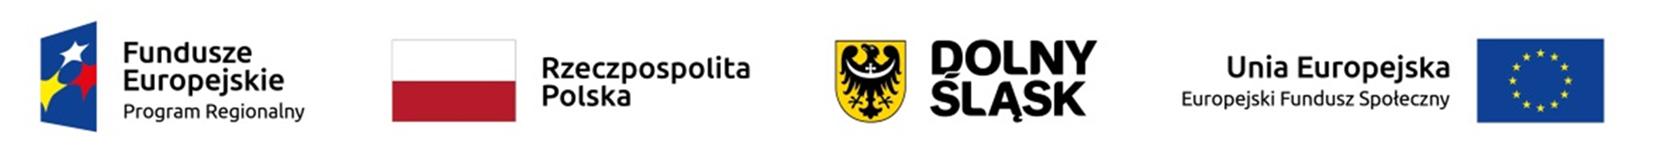 Logotypy instytucji unijnych w ramach których realizowy jest projekt unijny